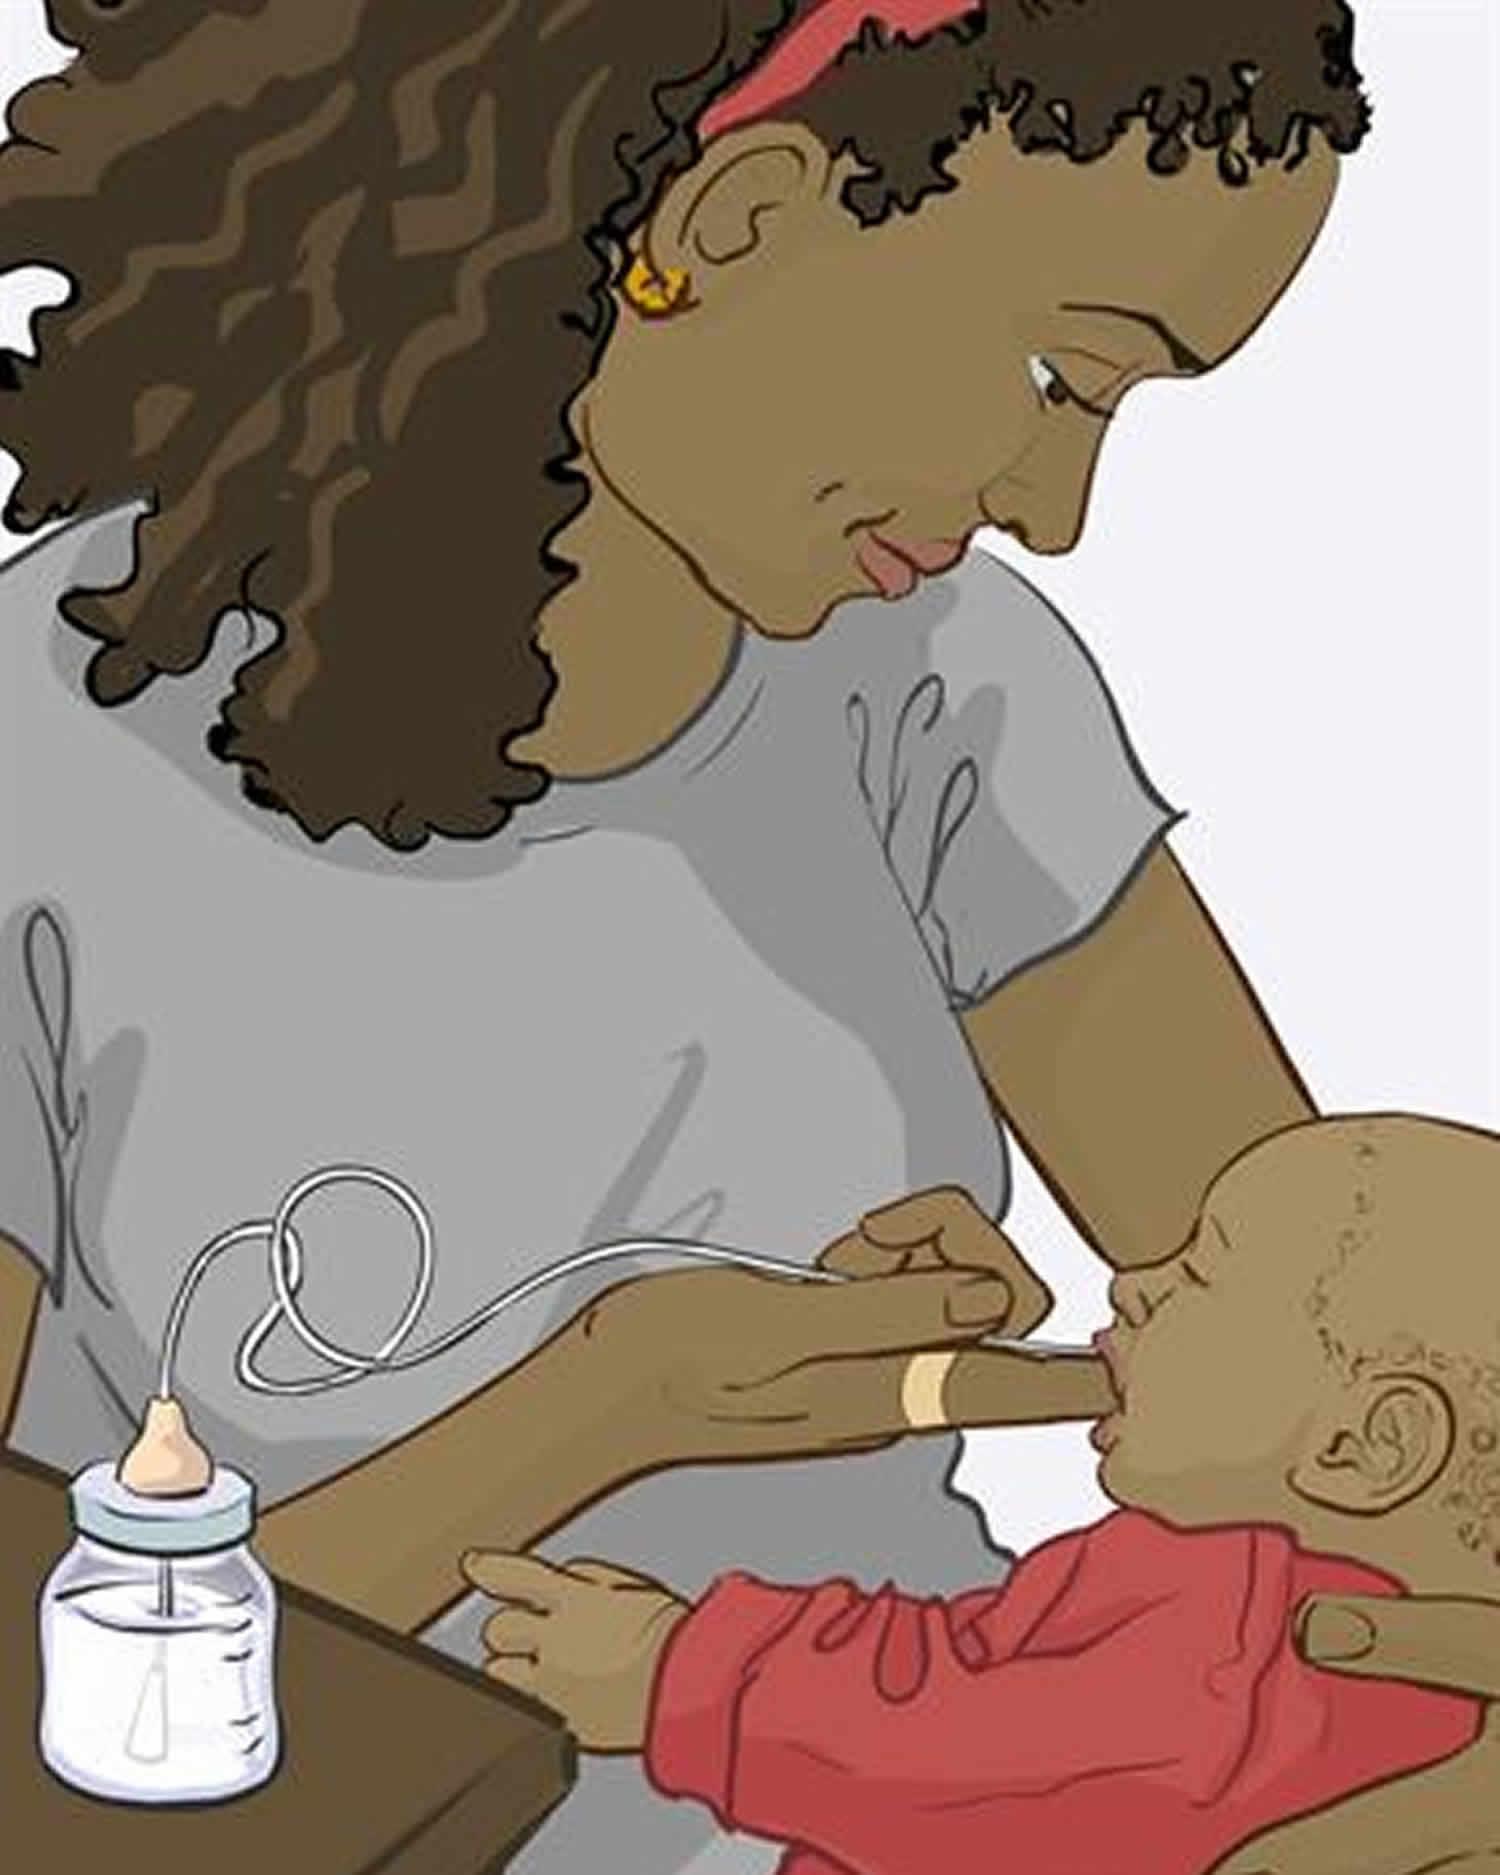 Finger-feeding using a bottle